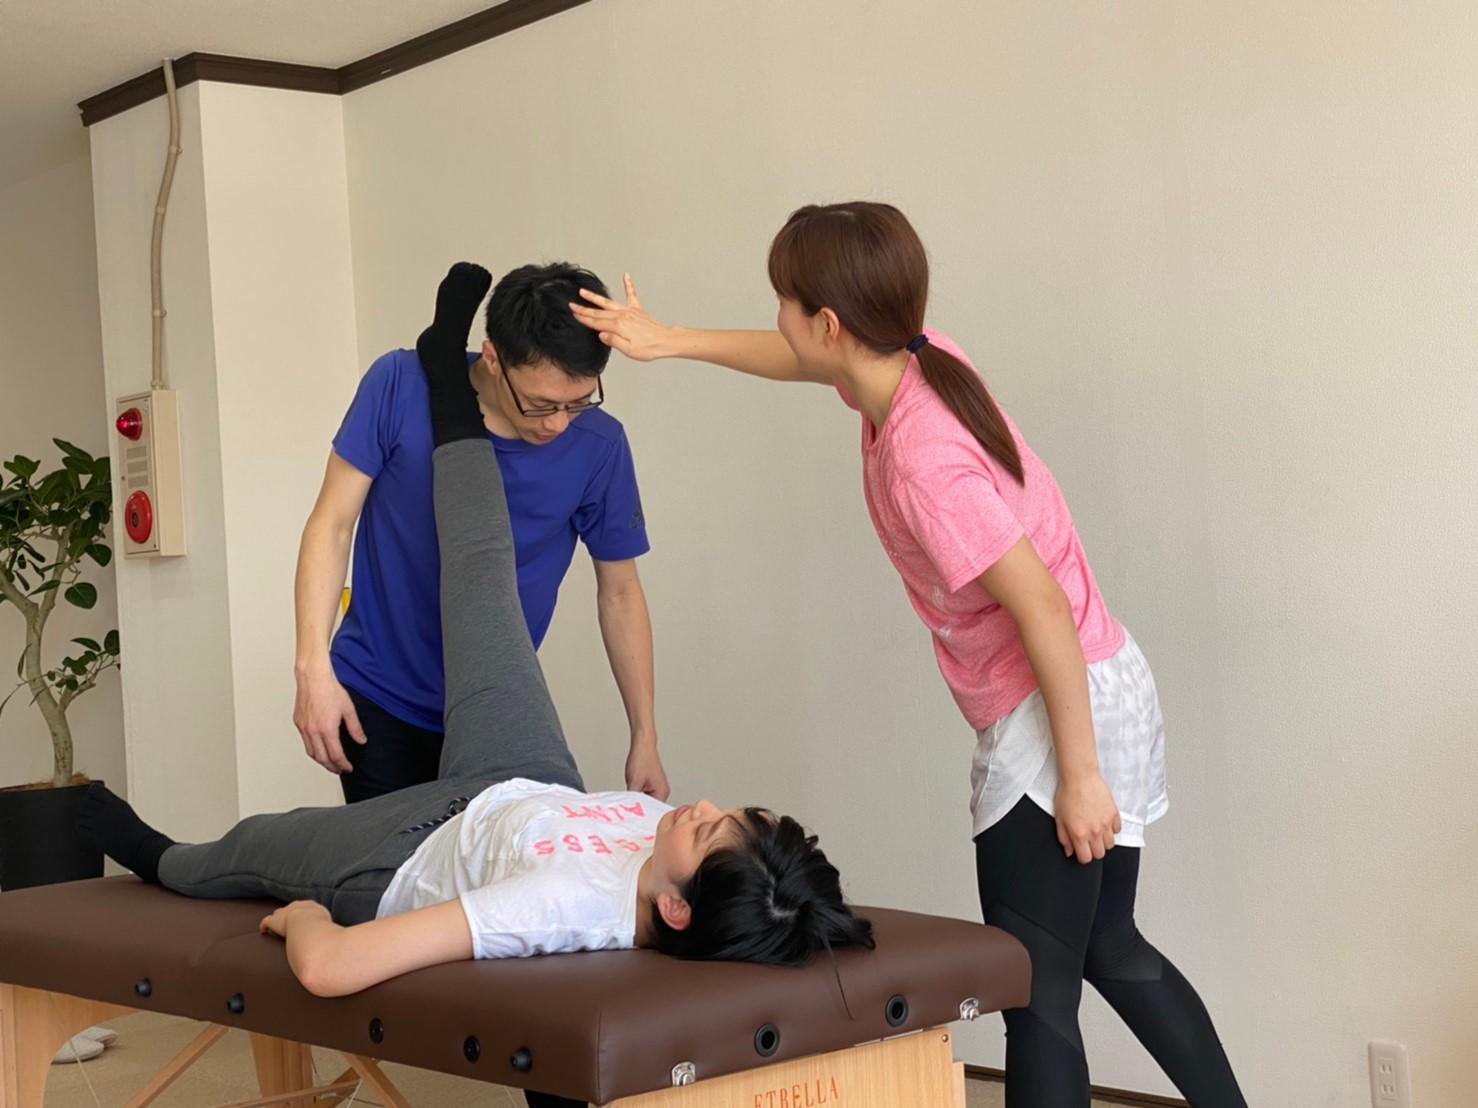 藤田さんの跳ねている髪を抑える奥さん